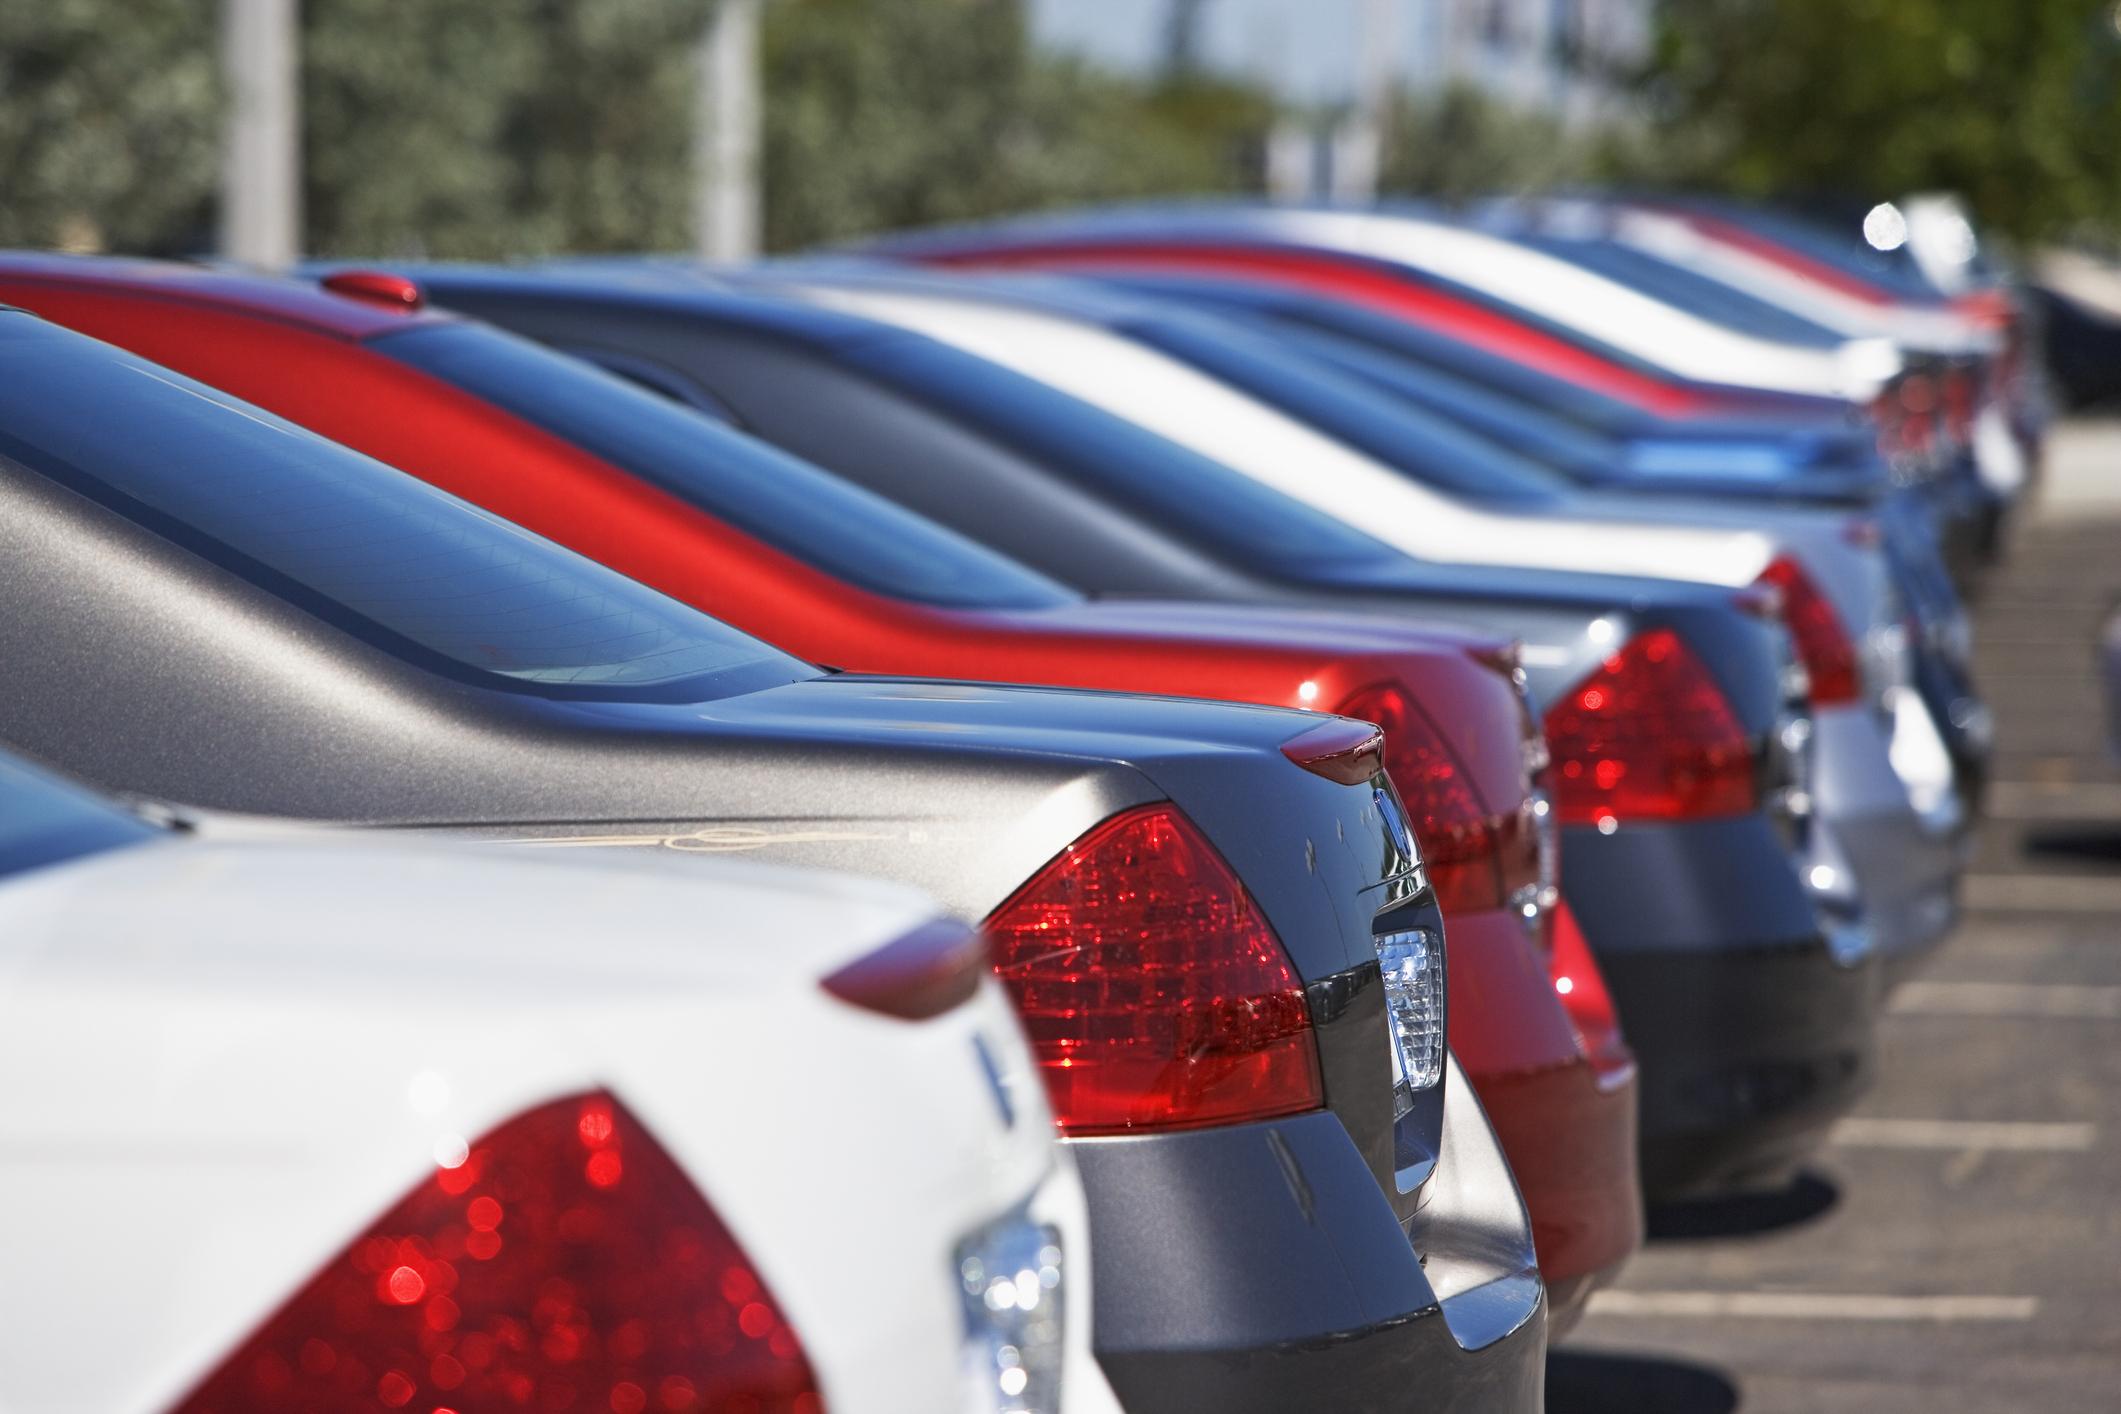 A Muslim car salesman was awarded £3,000 at employment tribunal